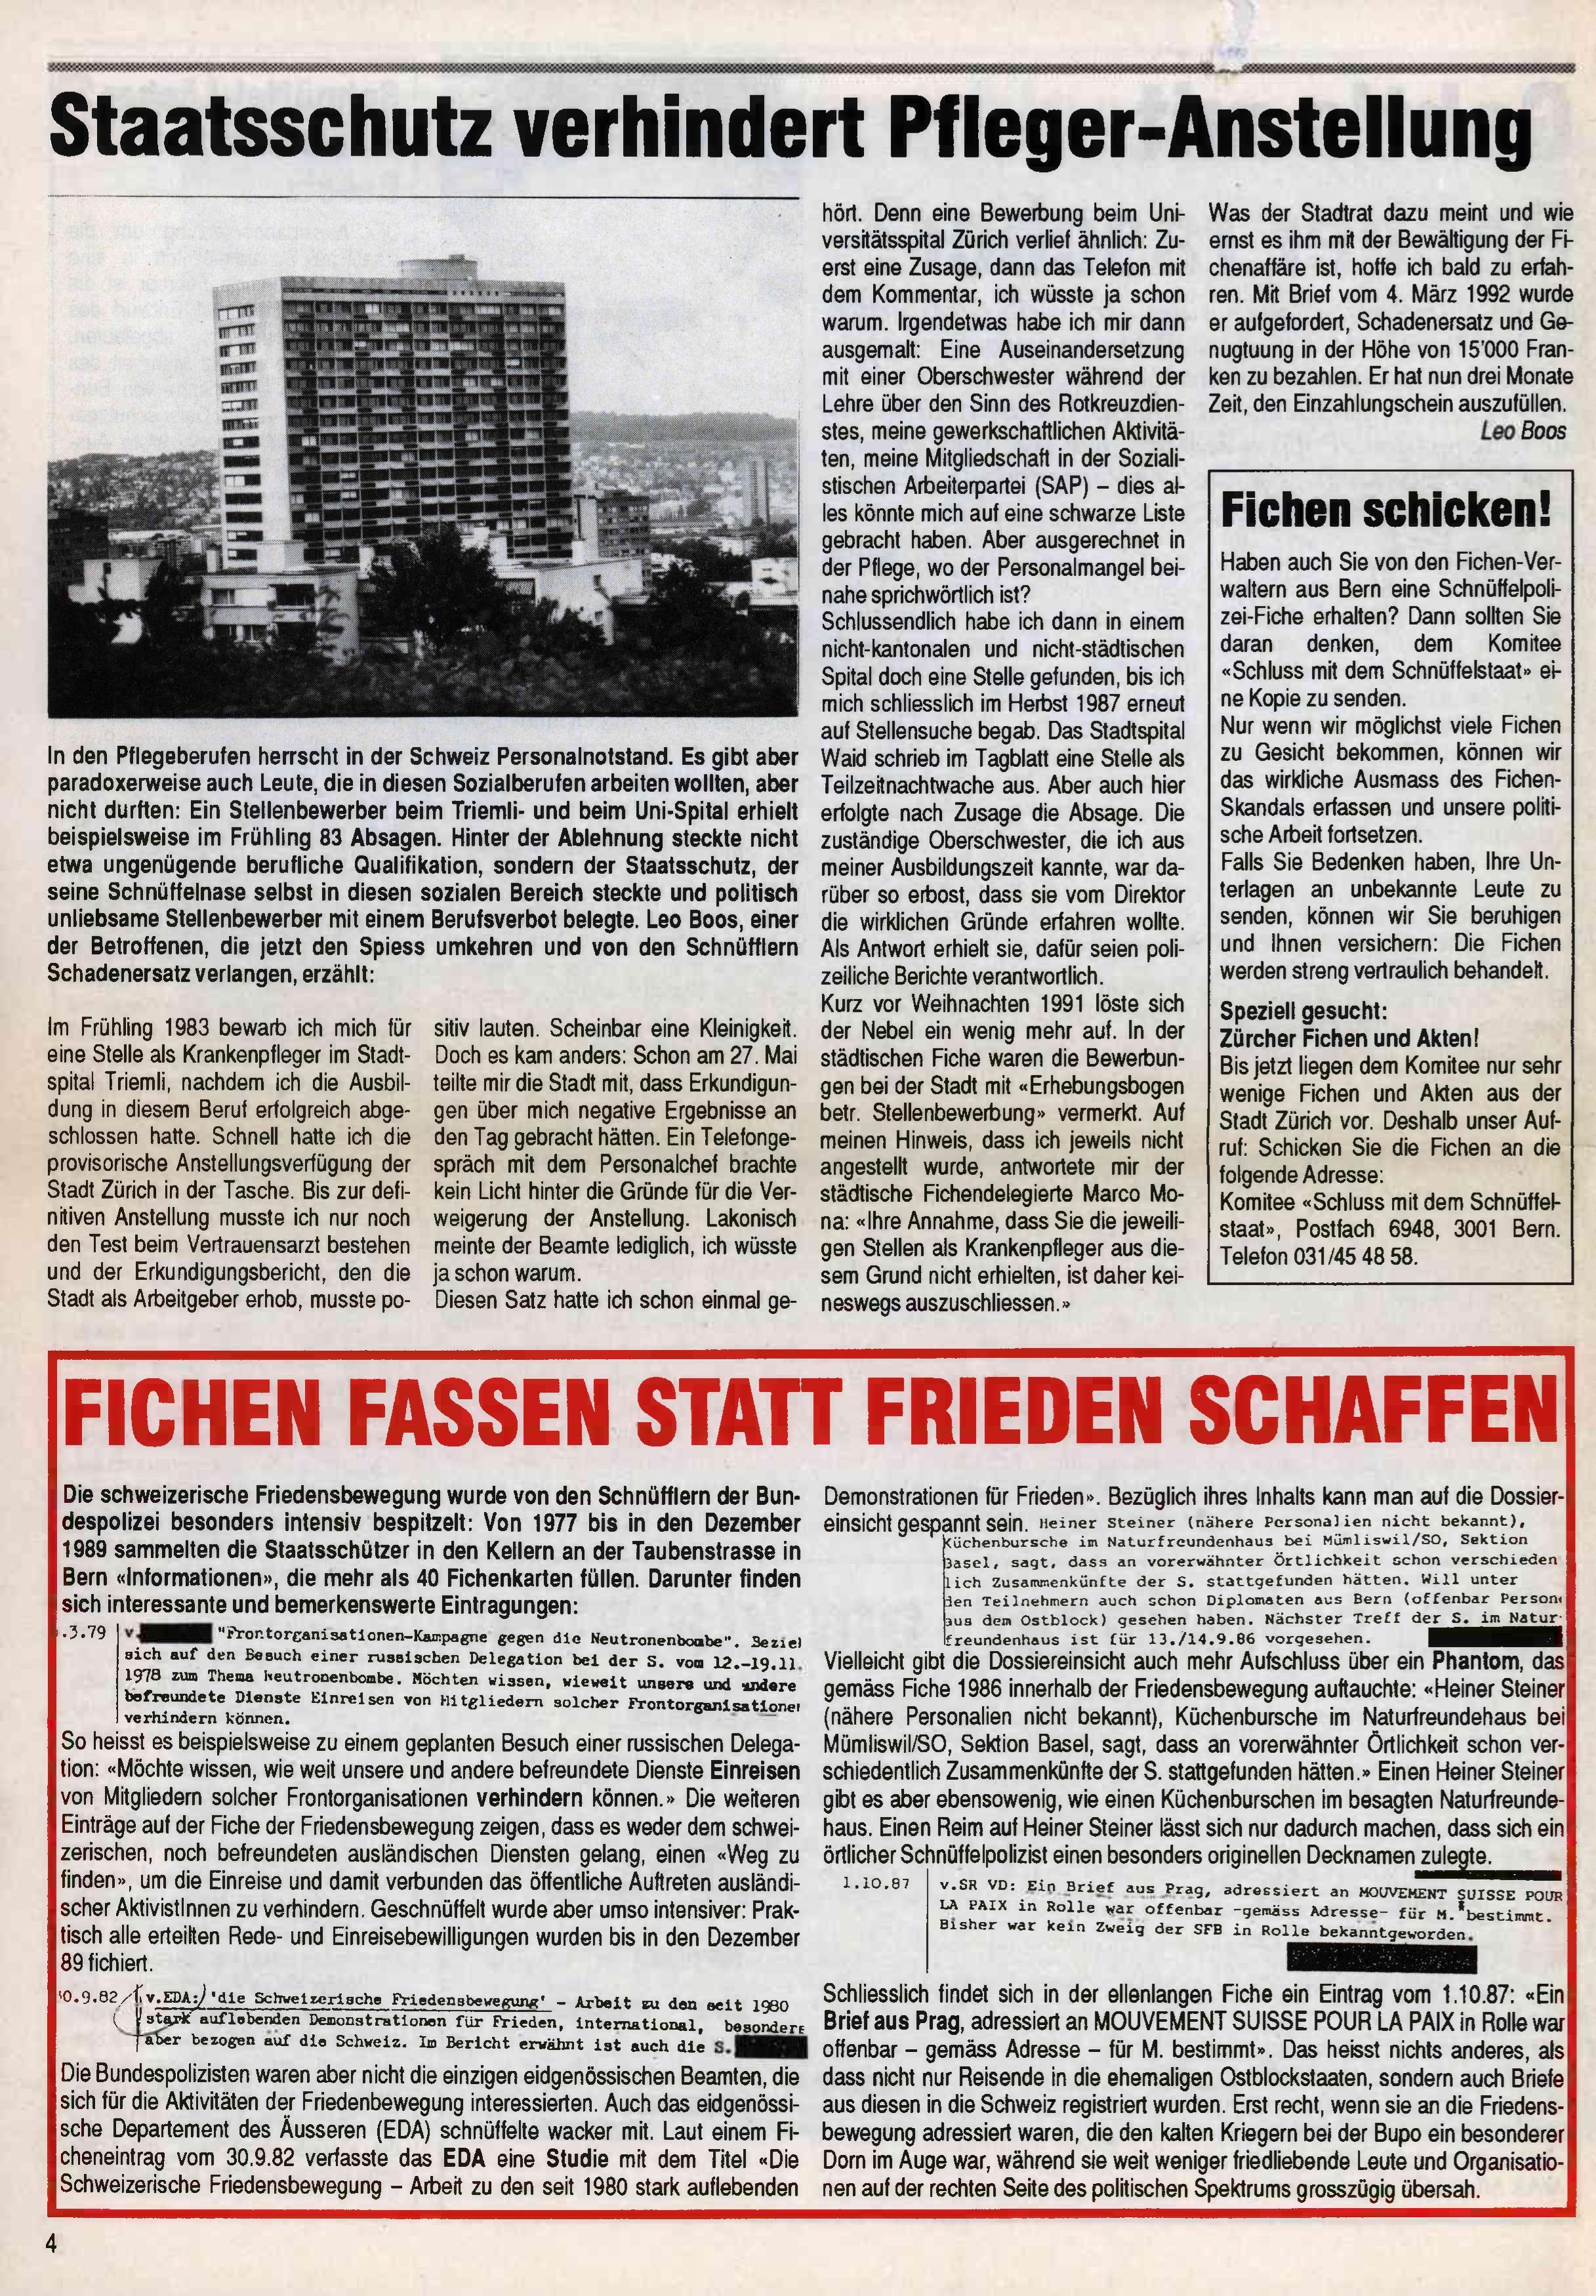 FICHEN FRITZ NR. 9 - SEITE 4